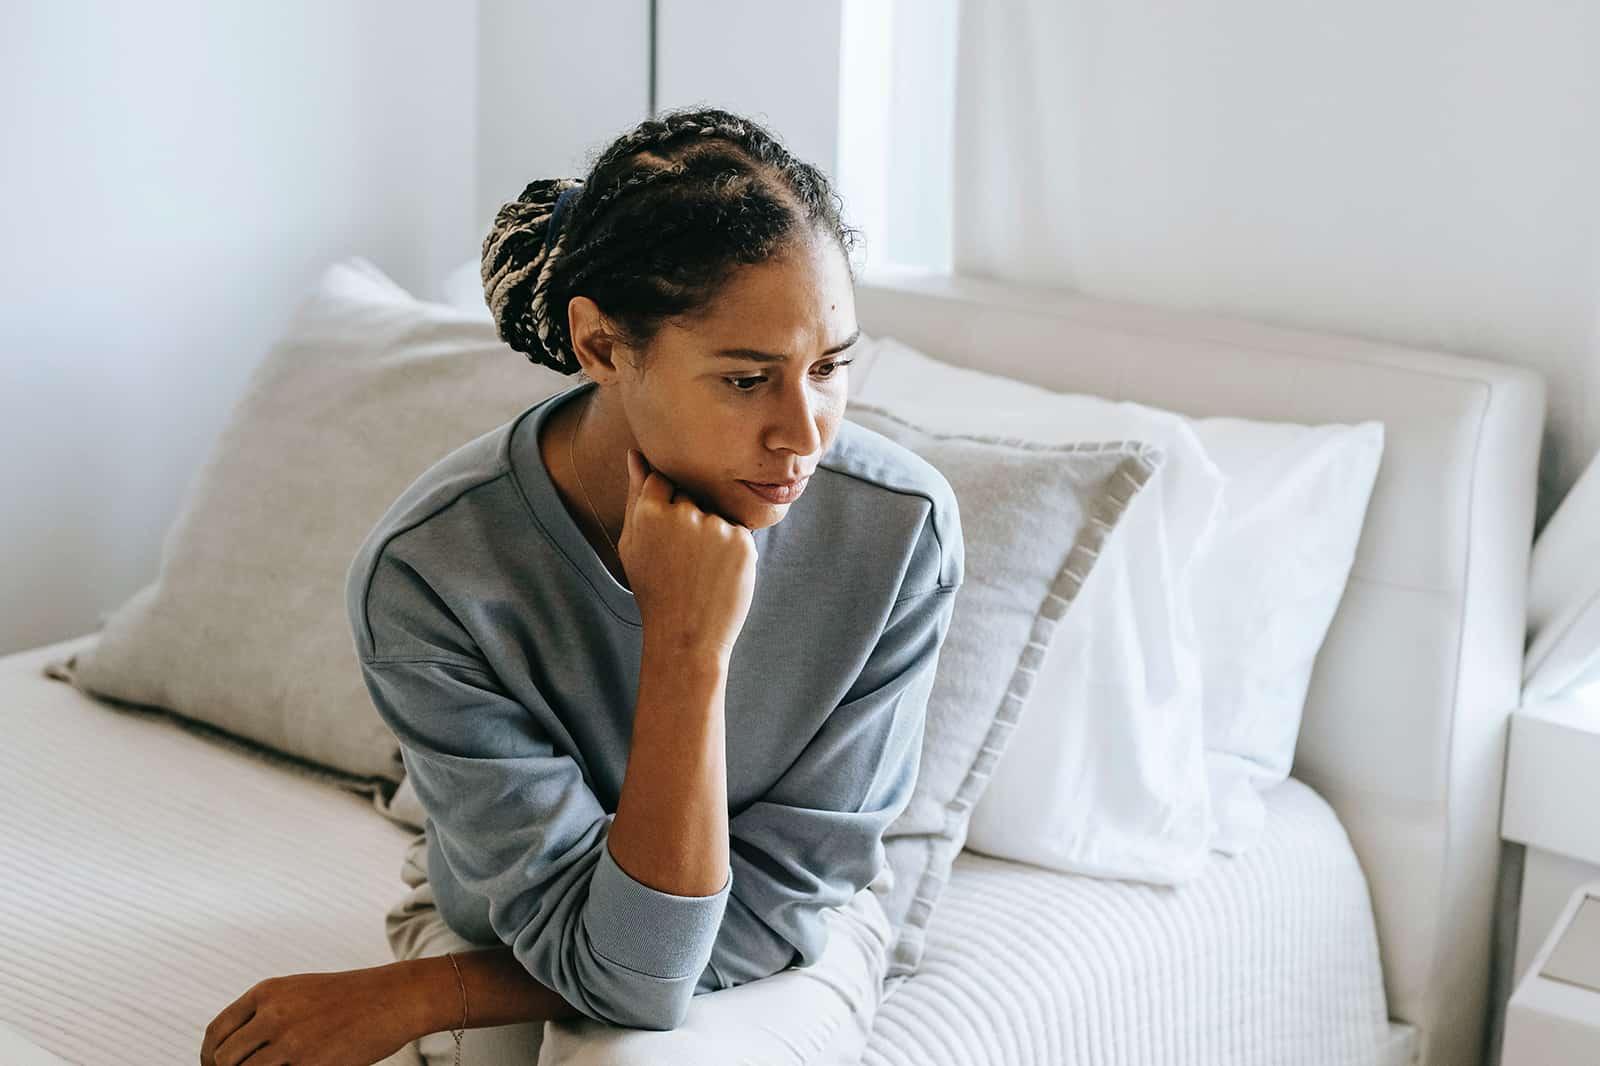 eine nachdenkliche Frau, die auf dem Bett sitzt und nach unten schaut